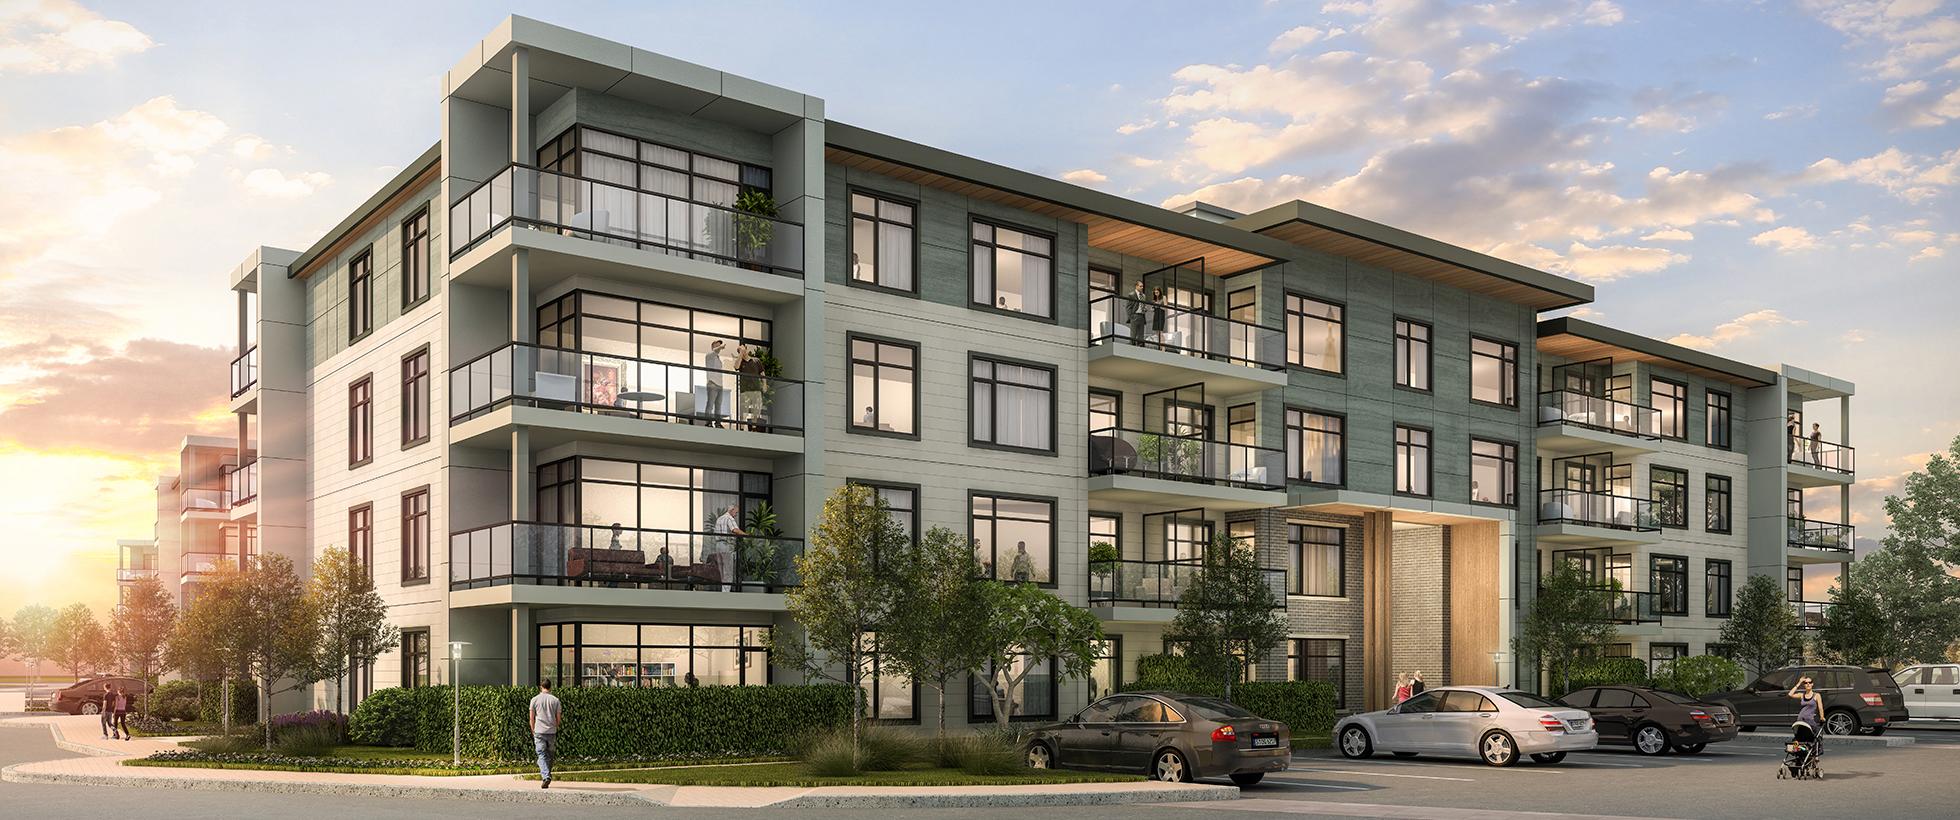 North_Grove_Nanaimo_BC_Canada_rental_exterior 03